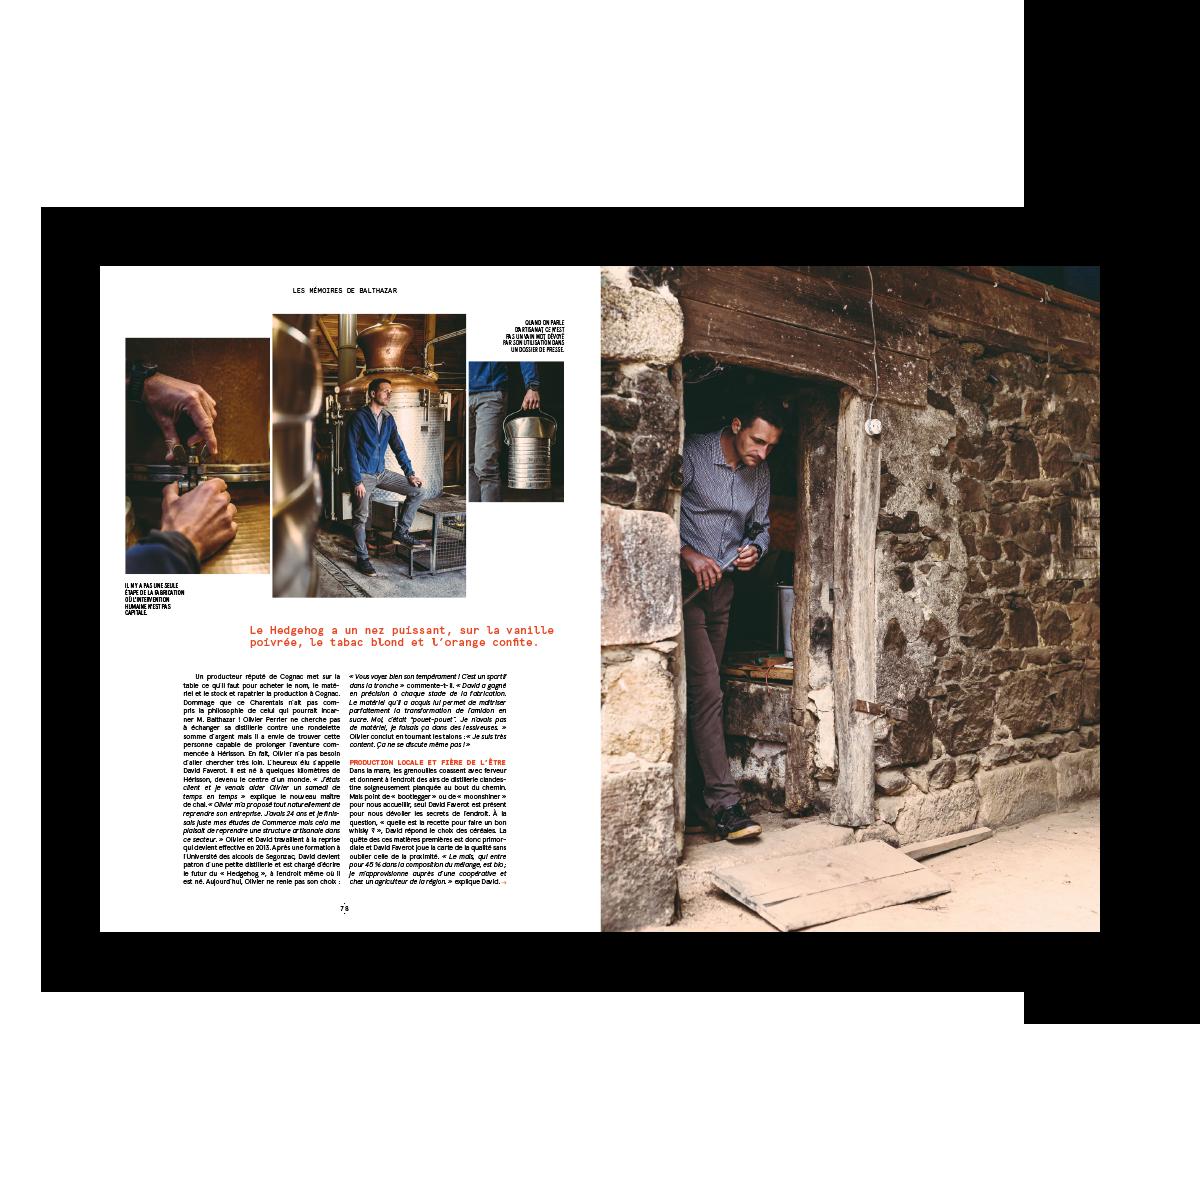 Magazine 001 auvernha : pages intérieures